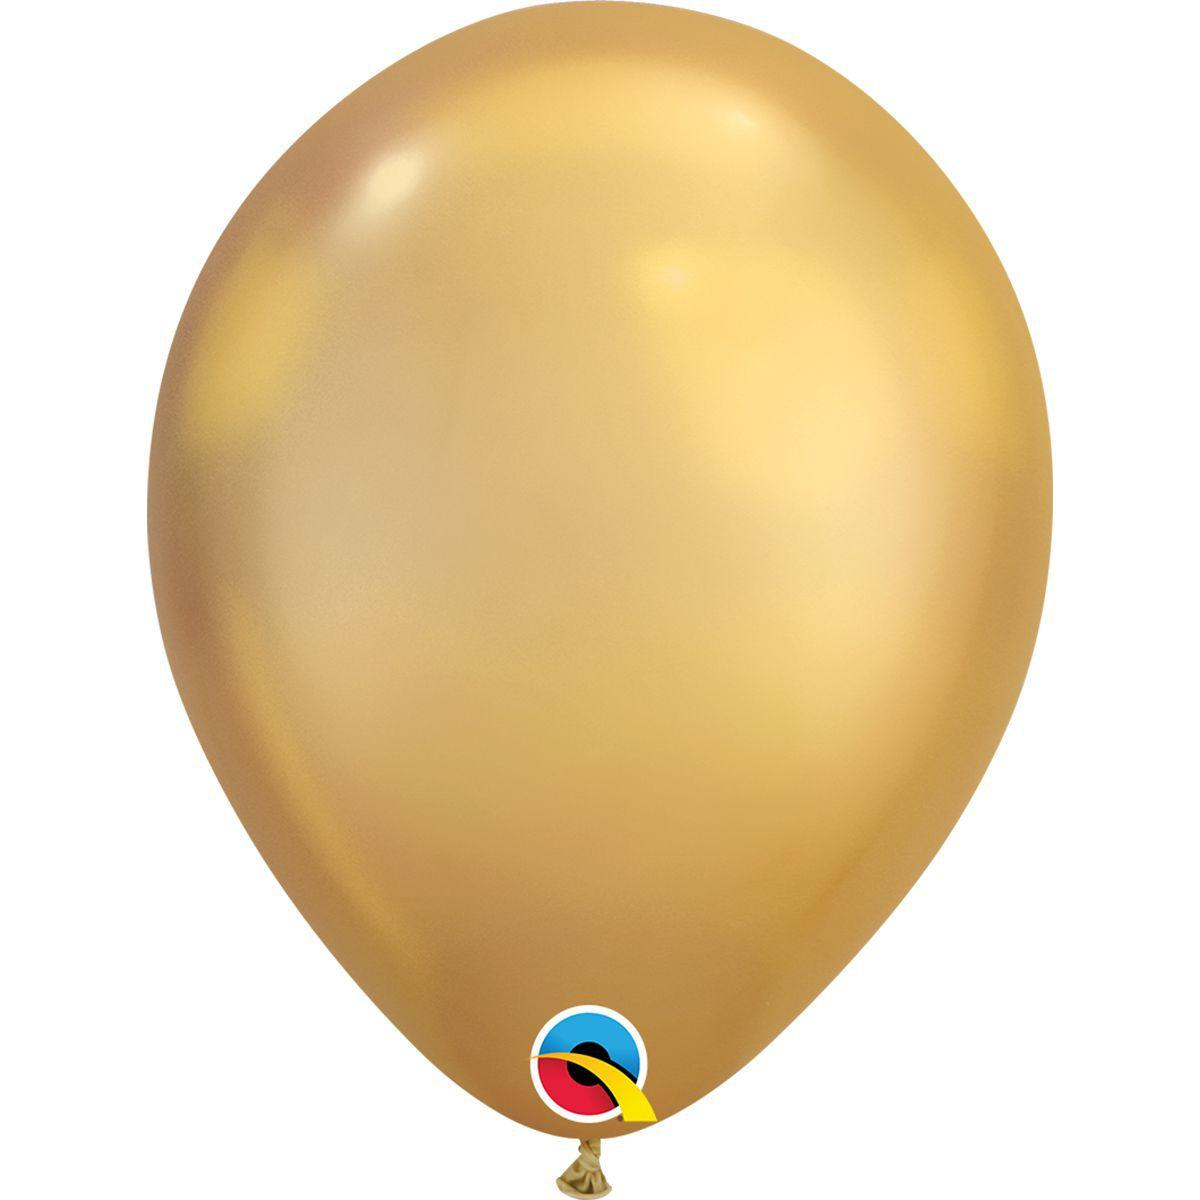 """Латексна кулька хром золото 7"""" / 18см Gold Qualatex (США)"""